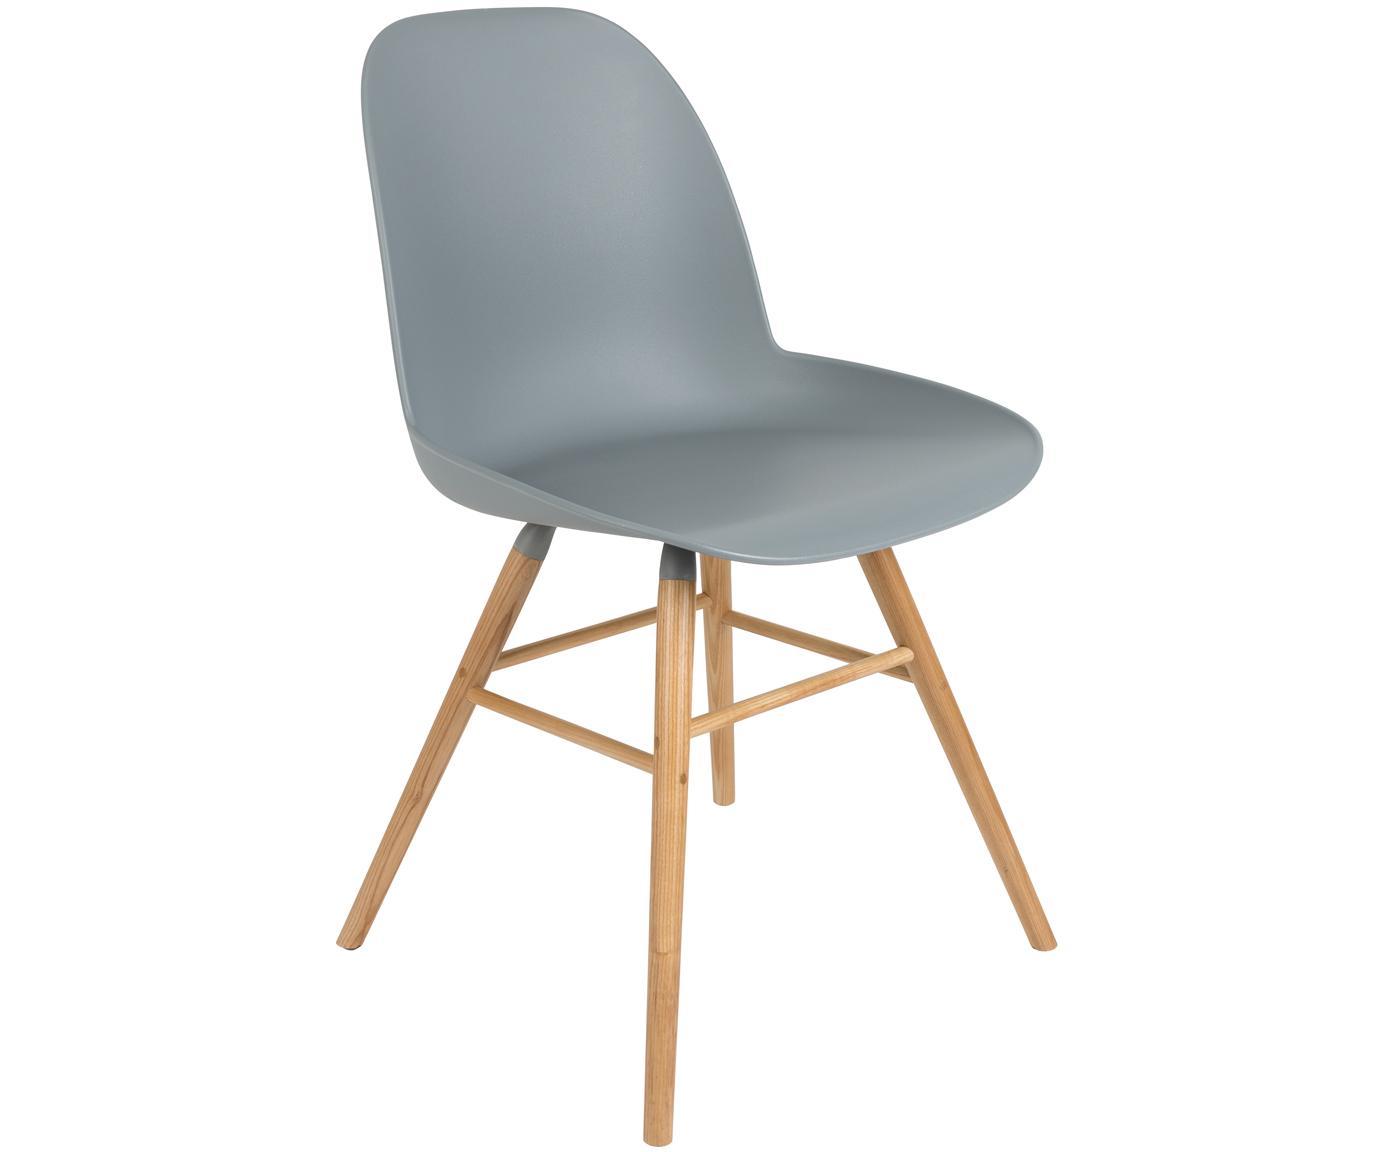 Silla Albert Kuip, Asiento: 100% polipropileno, Patas: madera de fresno, Gris azulado, An 49 x Al 82 cm